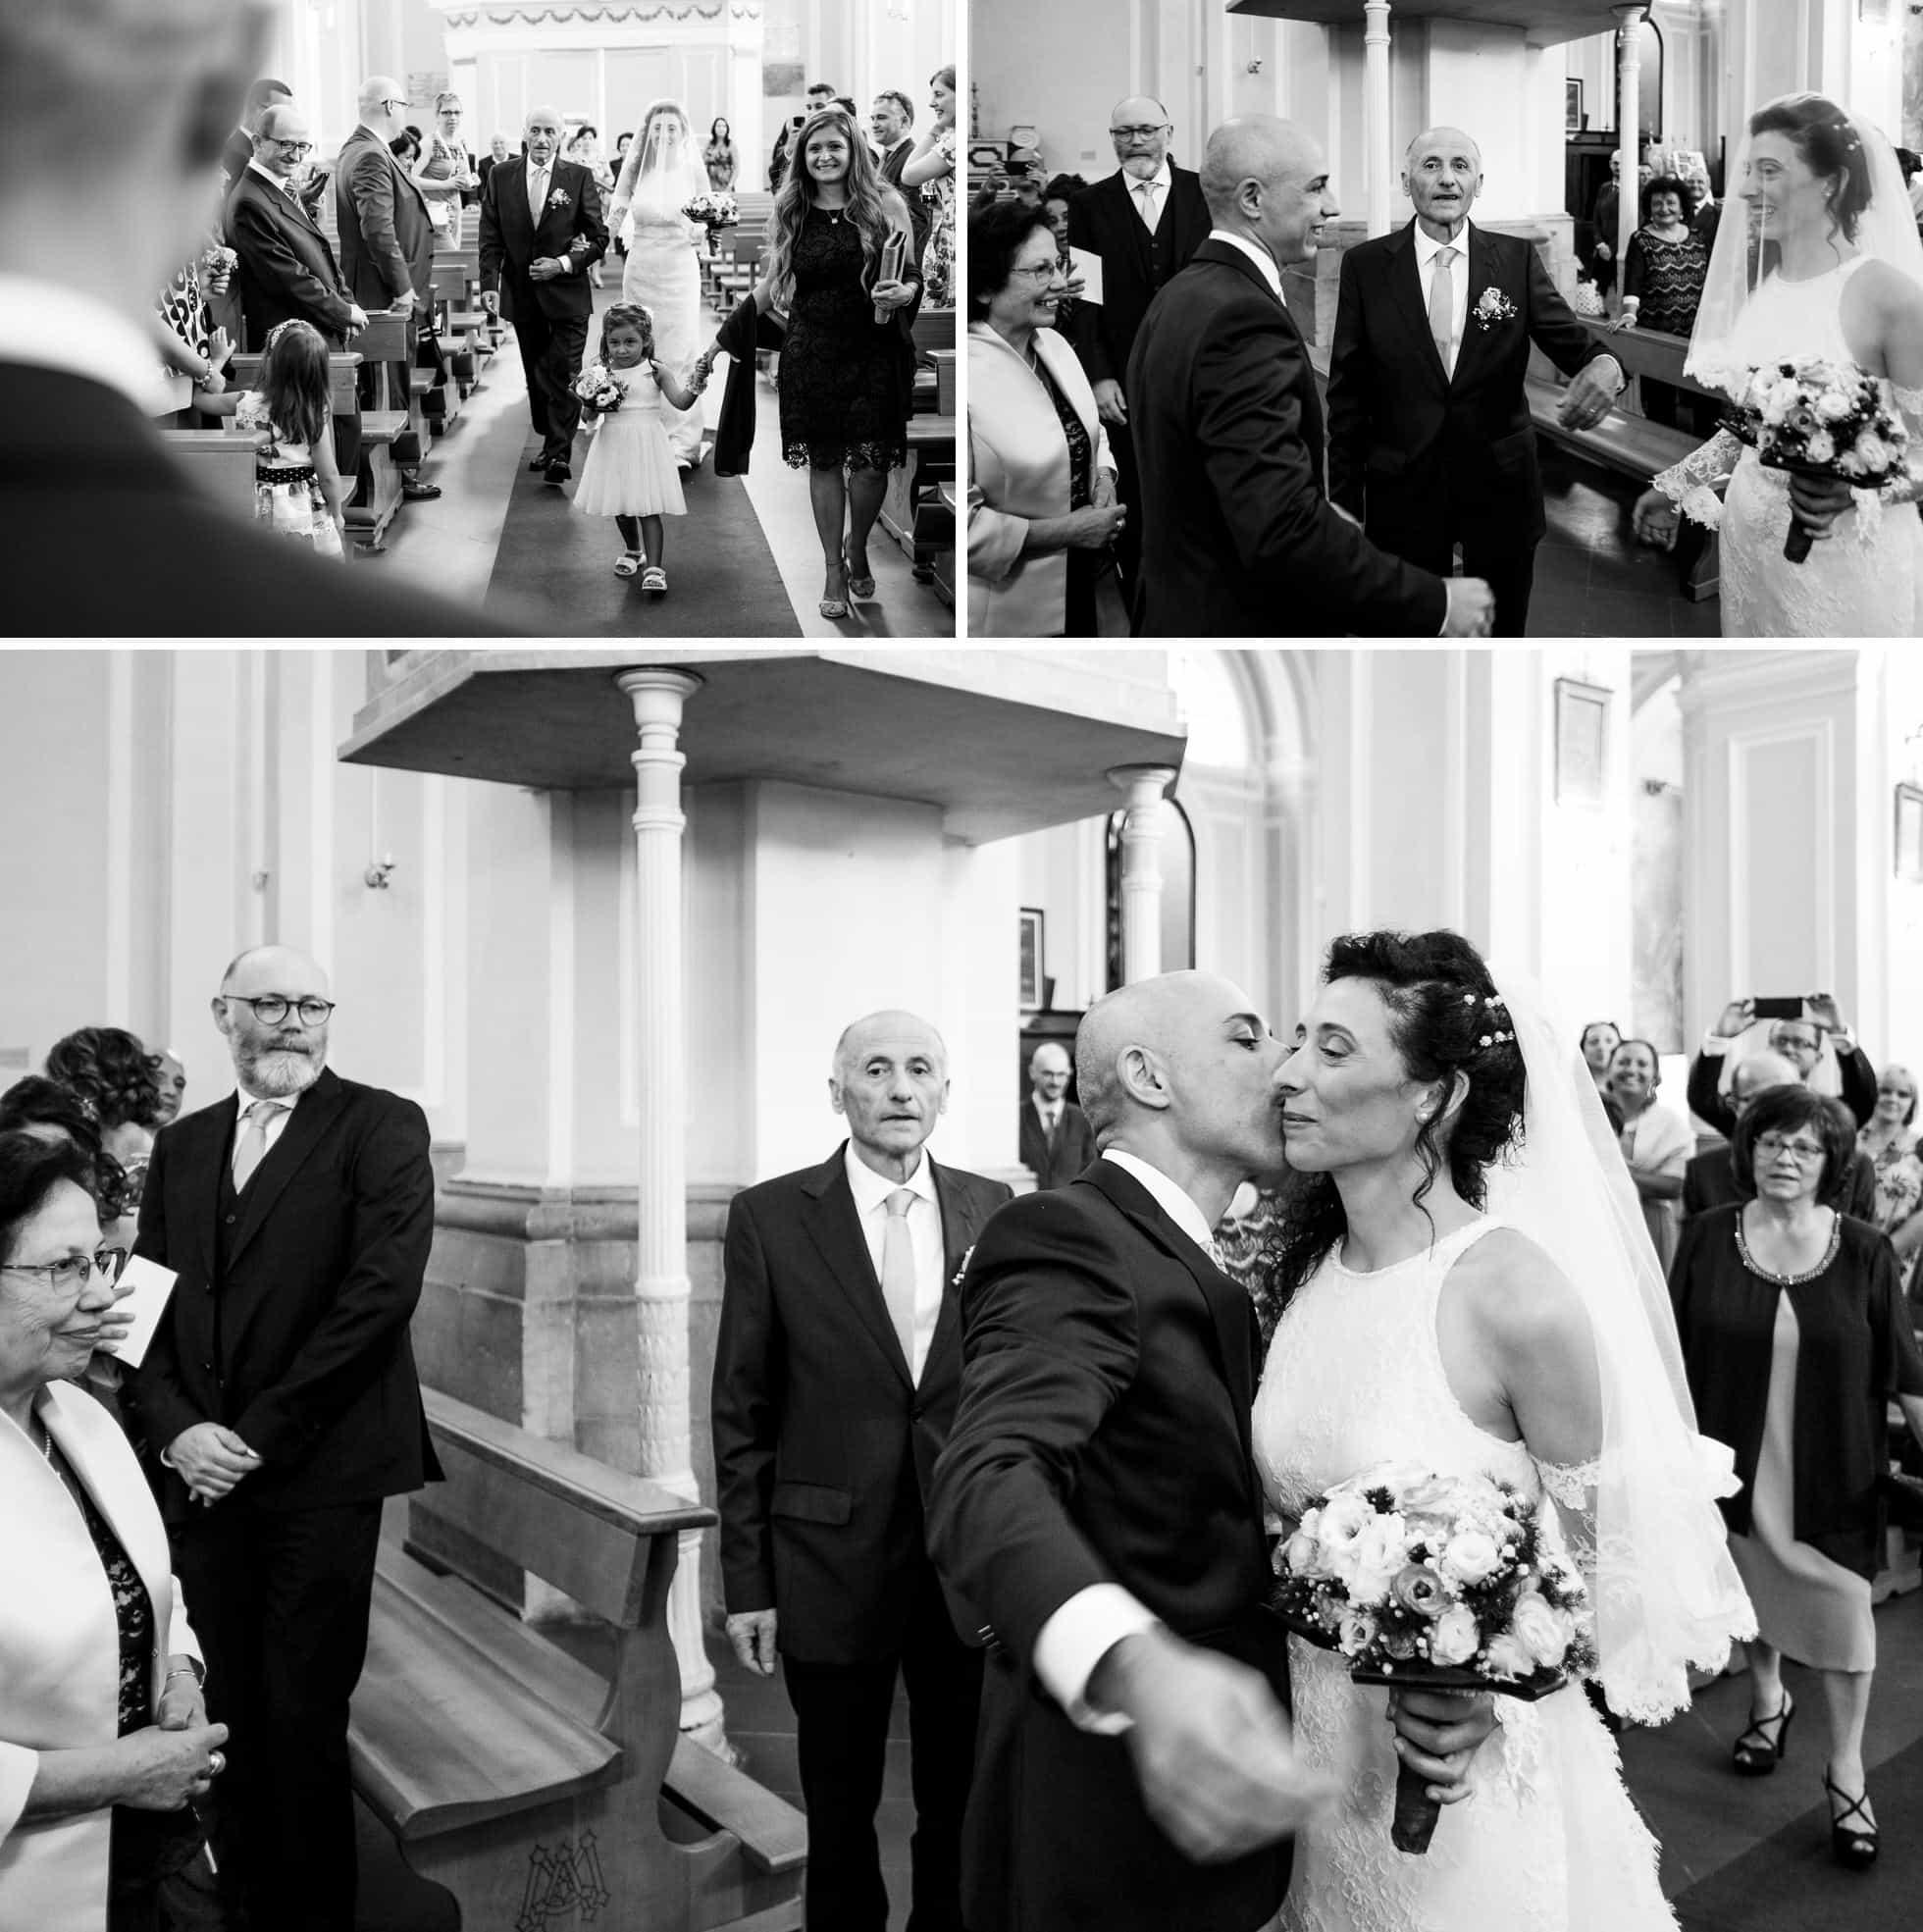 fotografo matrimonio avigliano